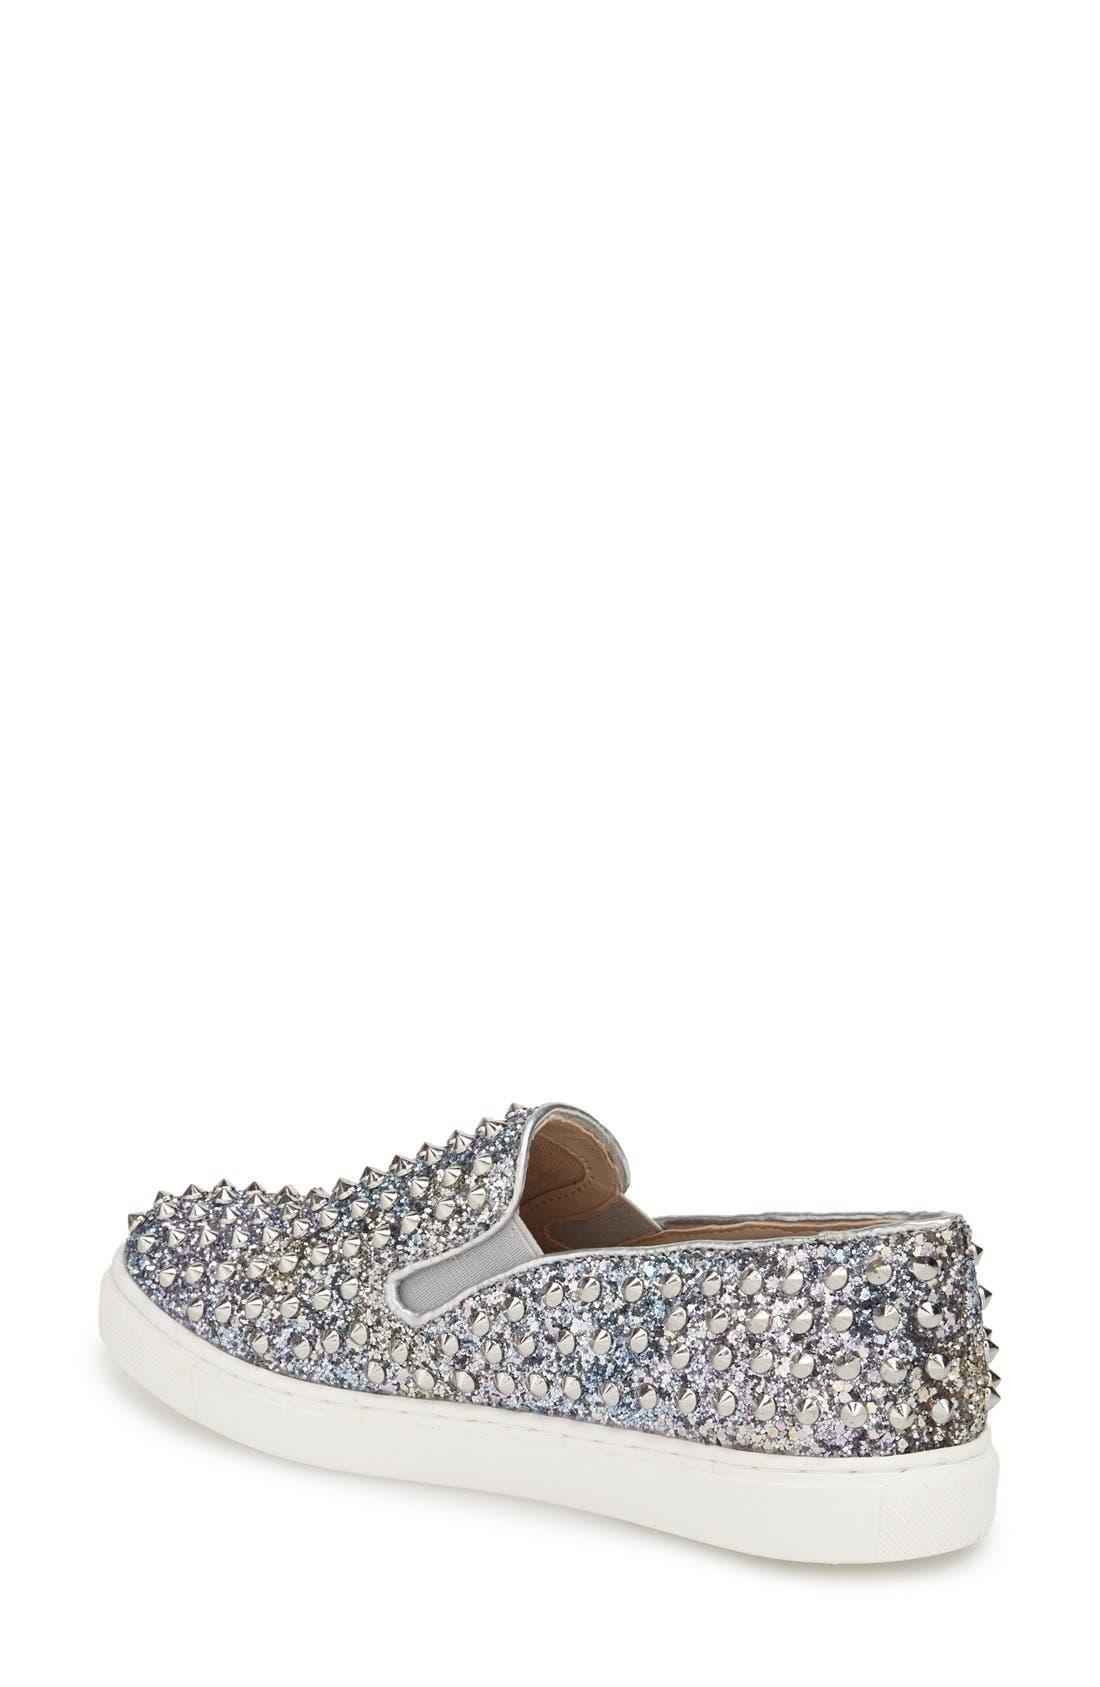 Alternate Image 2  - Steve Madden 'Emmmaa' Studded Slip-On Sneaker (Women)